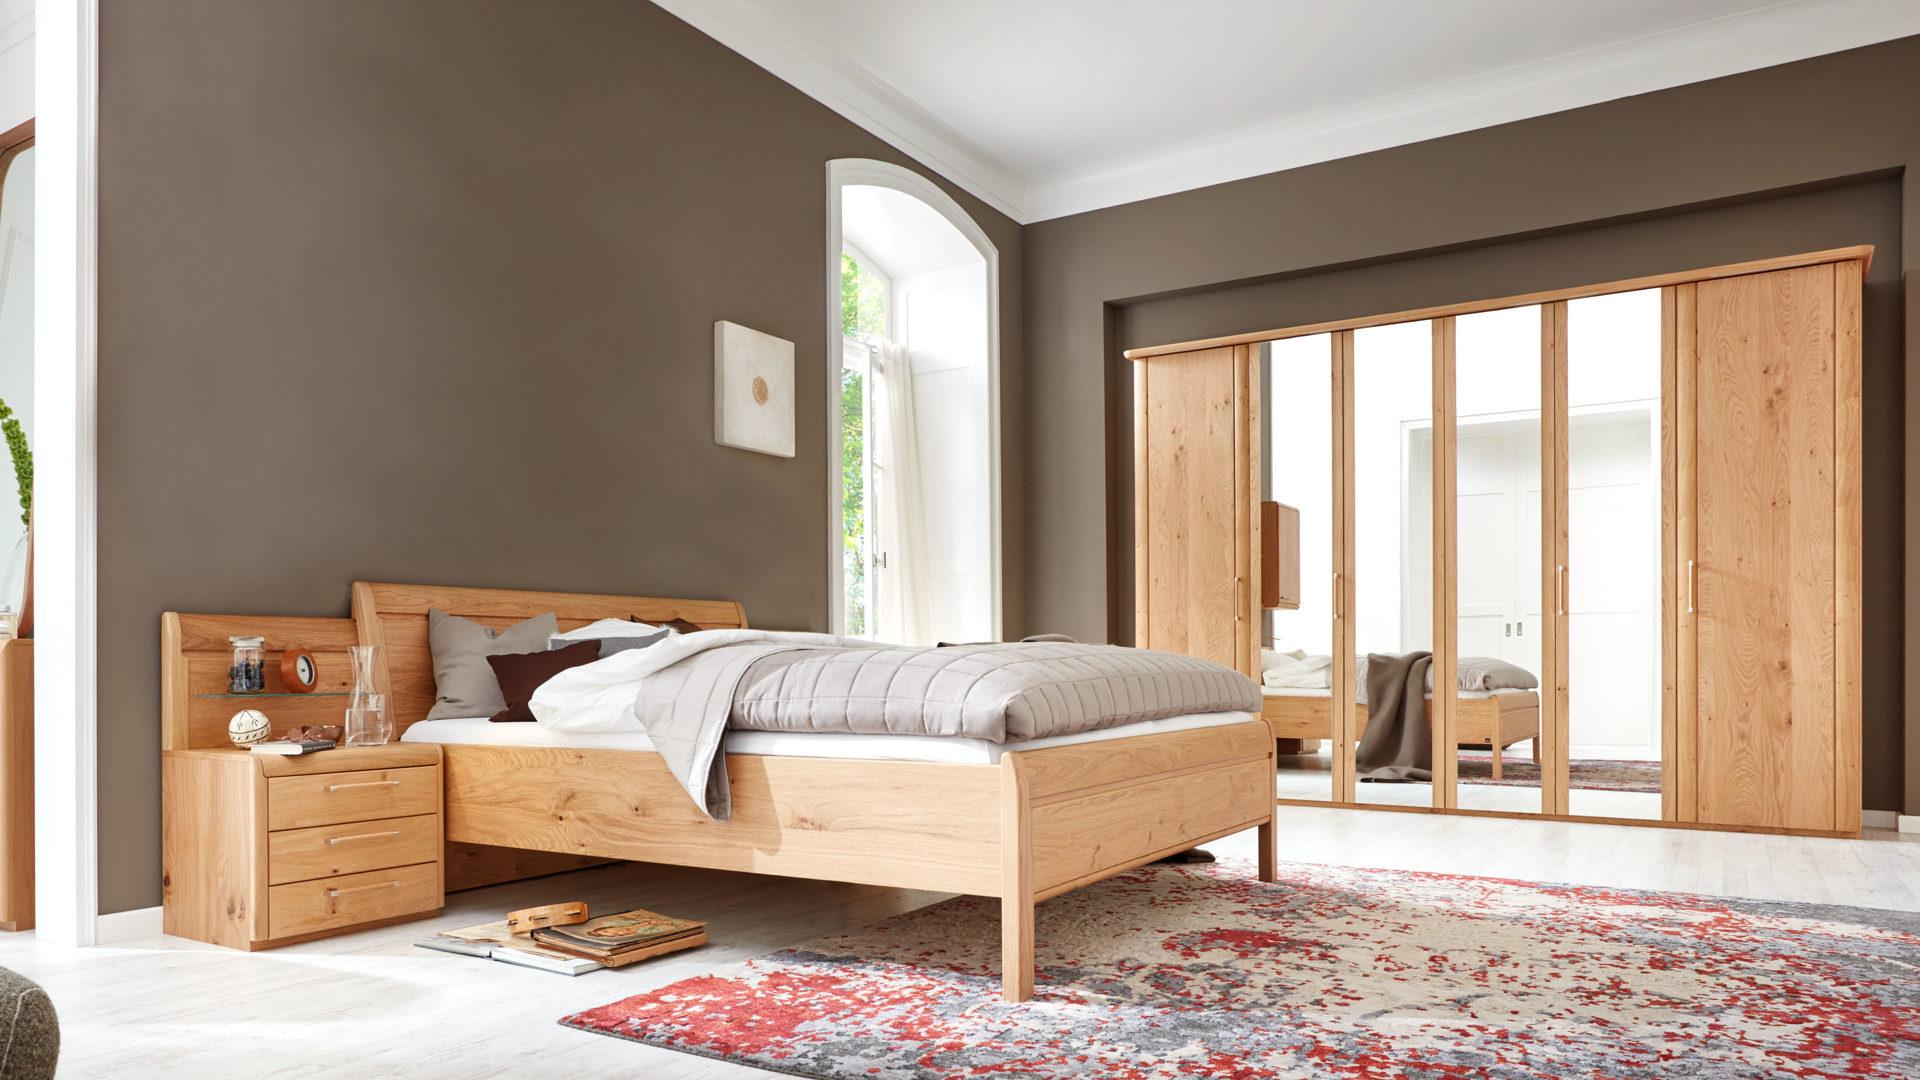 Interliving Schlafzimmer Serie 1001 – Schlafzimmerkombination,  Wildeiche-Echtholzfurnier – vierteilig